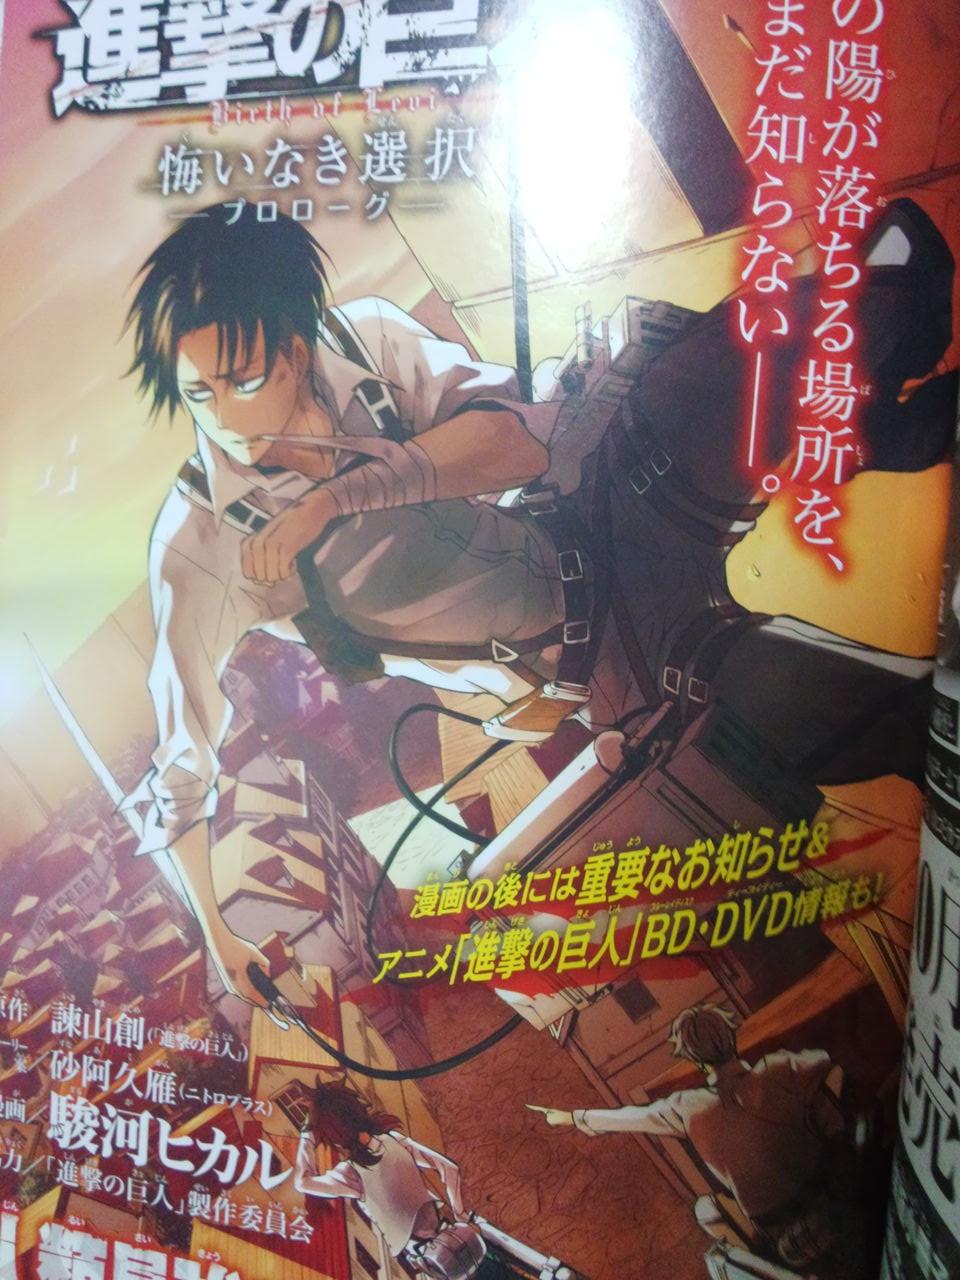 【進撃の巨人】リヴァイスピンオフ-悔いなき選択-作画レベル高い!!(ネタバレ注意)